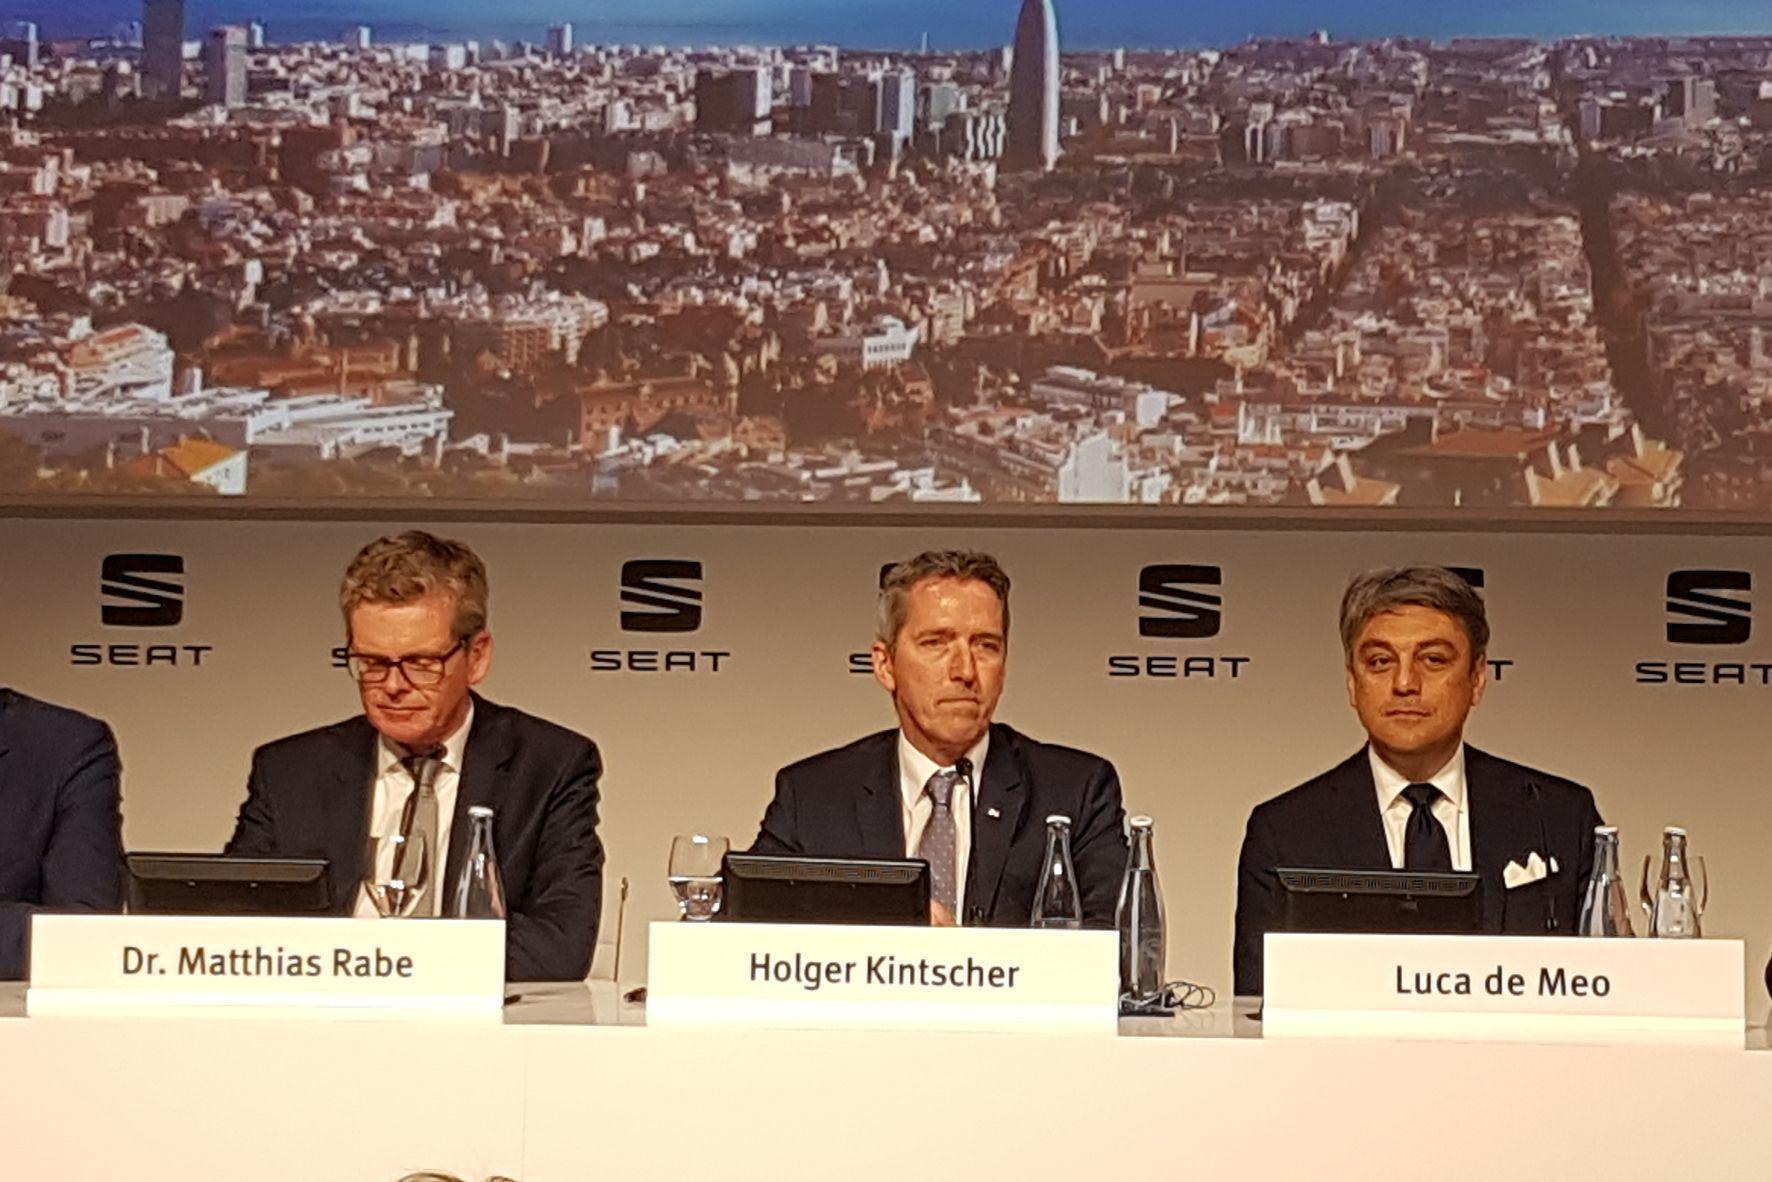 mid Barcelona - Die Seat-Vorstände haben allen Grund zur Freude: Finanzvorstand Holger Kintscher kann nach langer Zeit wieder Gewinn melden. Auch Vorstandschef Luca de Meo und Entwicklungs-Vorstand Matthias Rabe blicken zuversichtlich in die Zukunft.